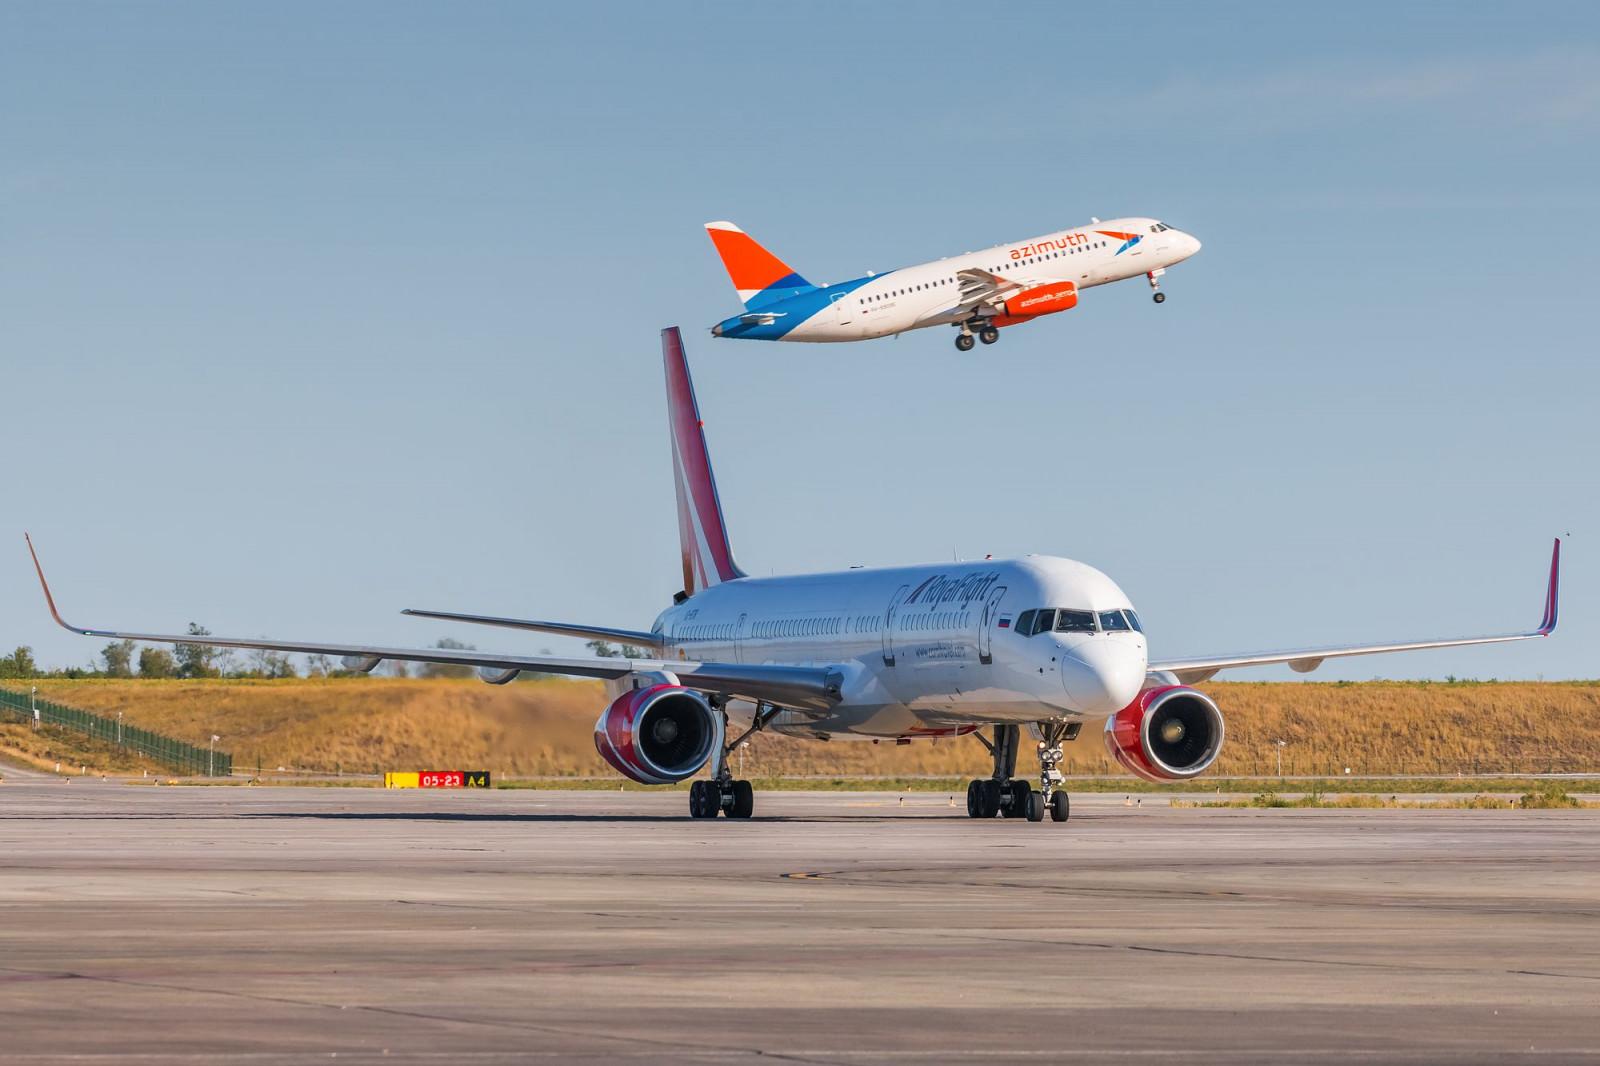 Авиакомпании открывают новые регулярные рейсы из аэропорта «Платов»